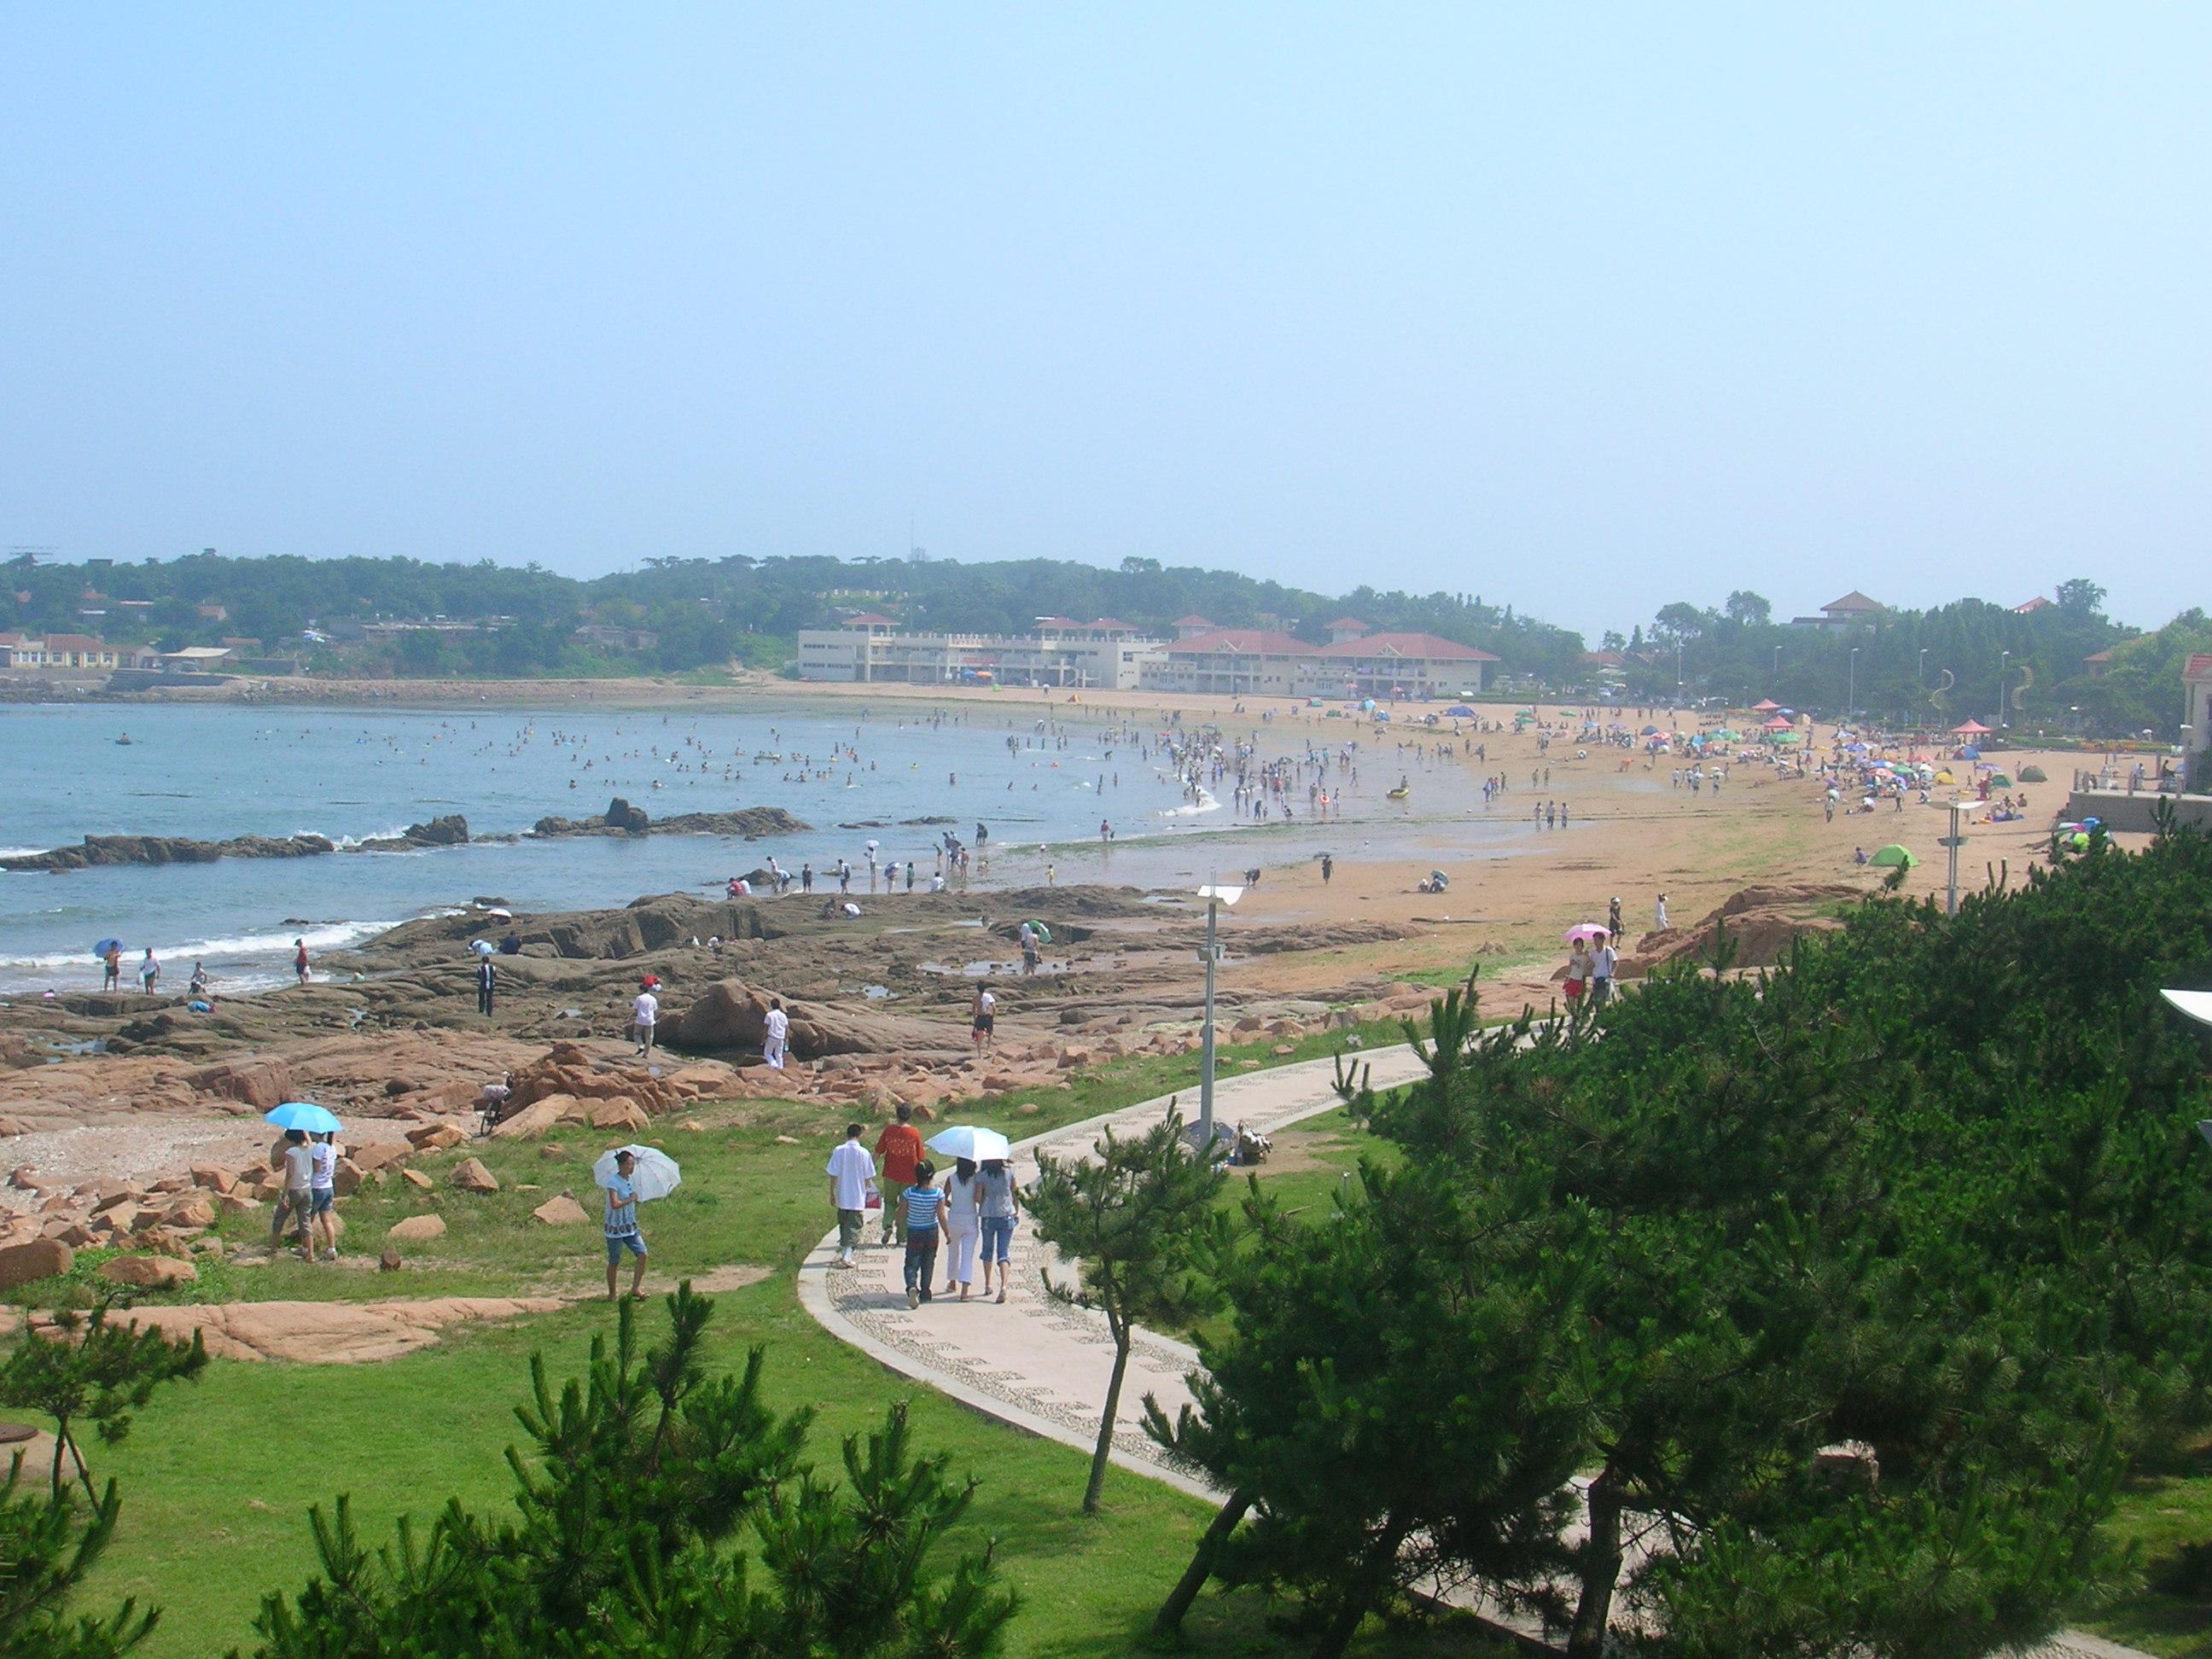 plage qingdao chine